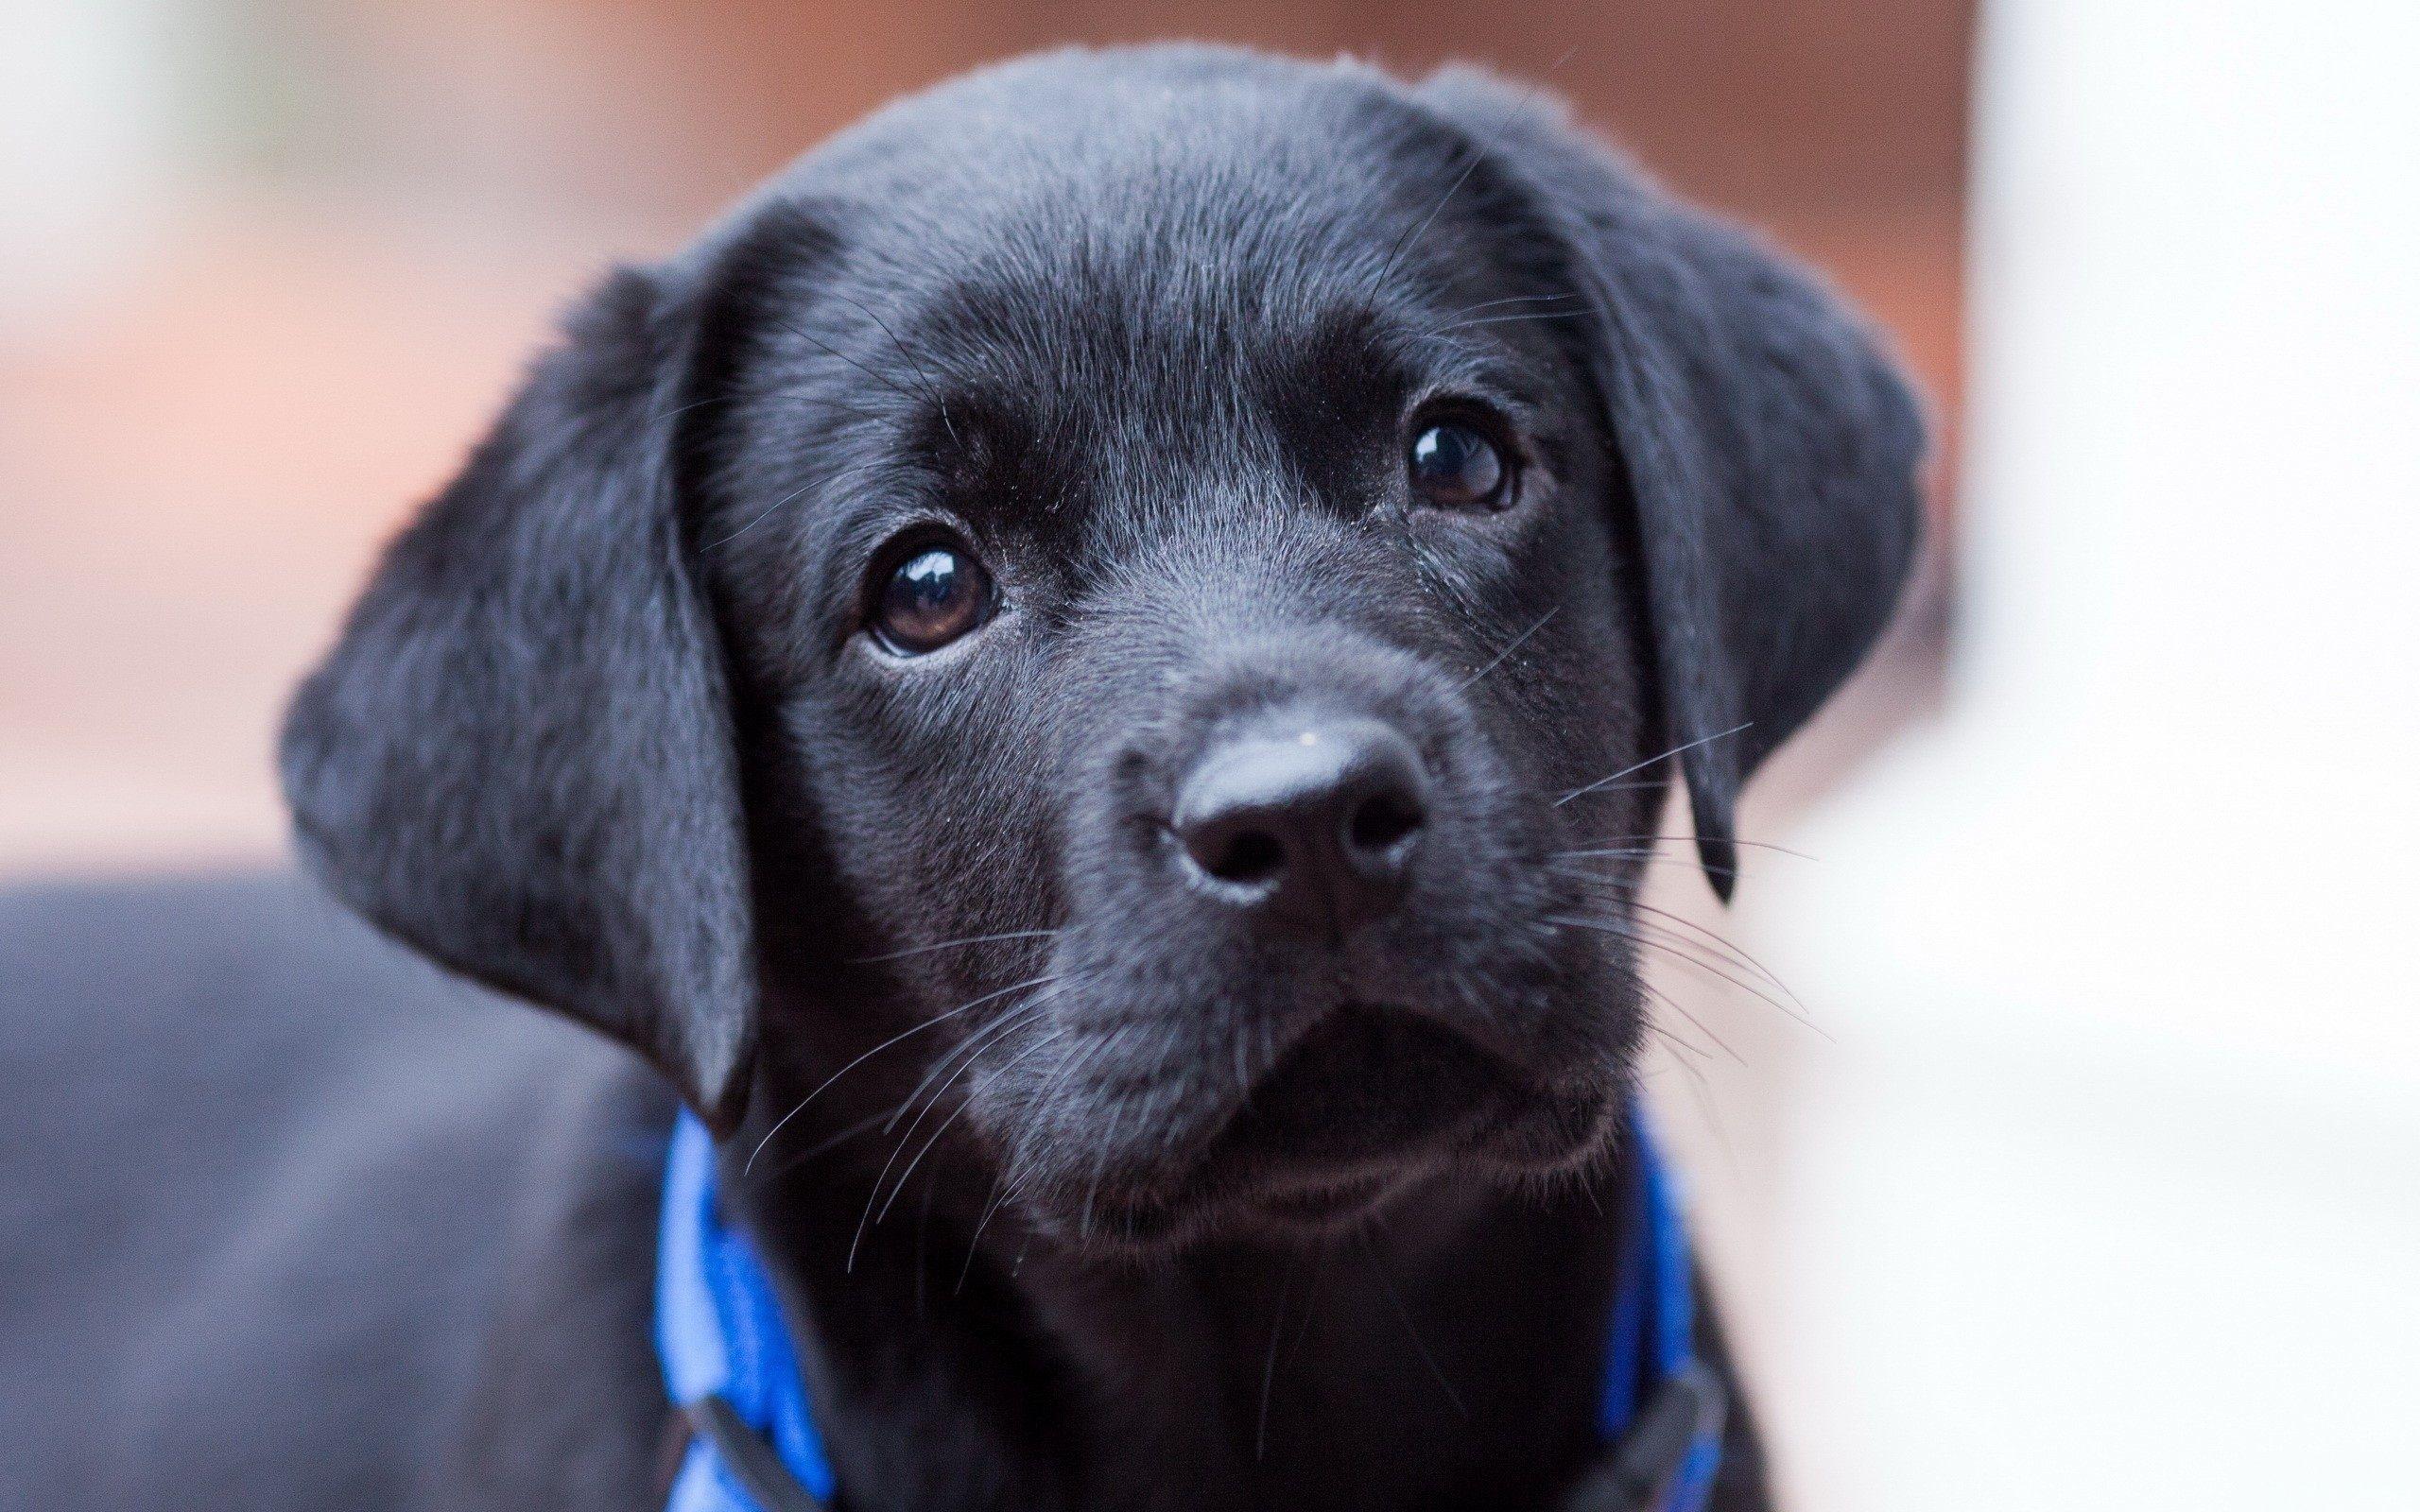 Labrador Puppy Wallpapers 46 Top Free Labrador Puppy